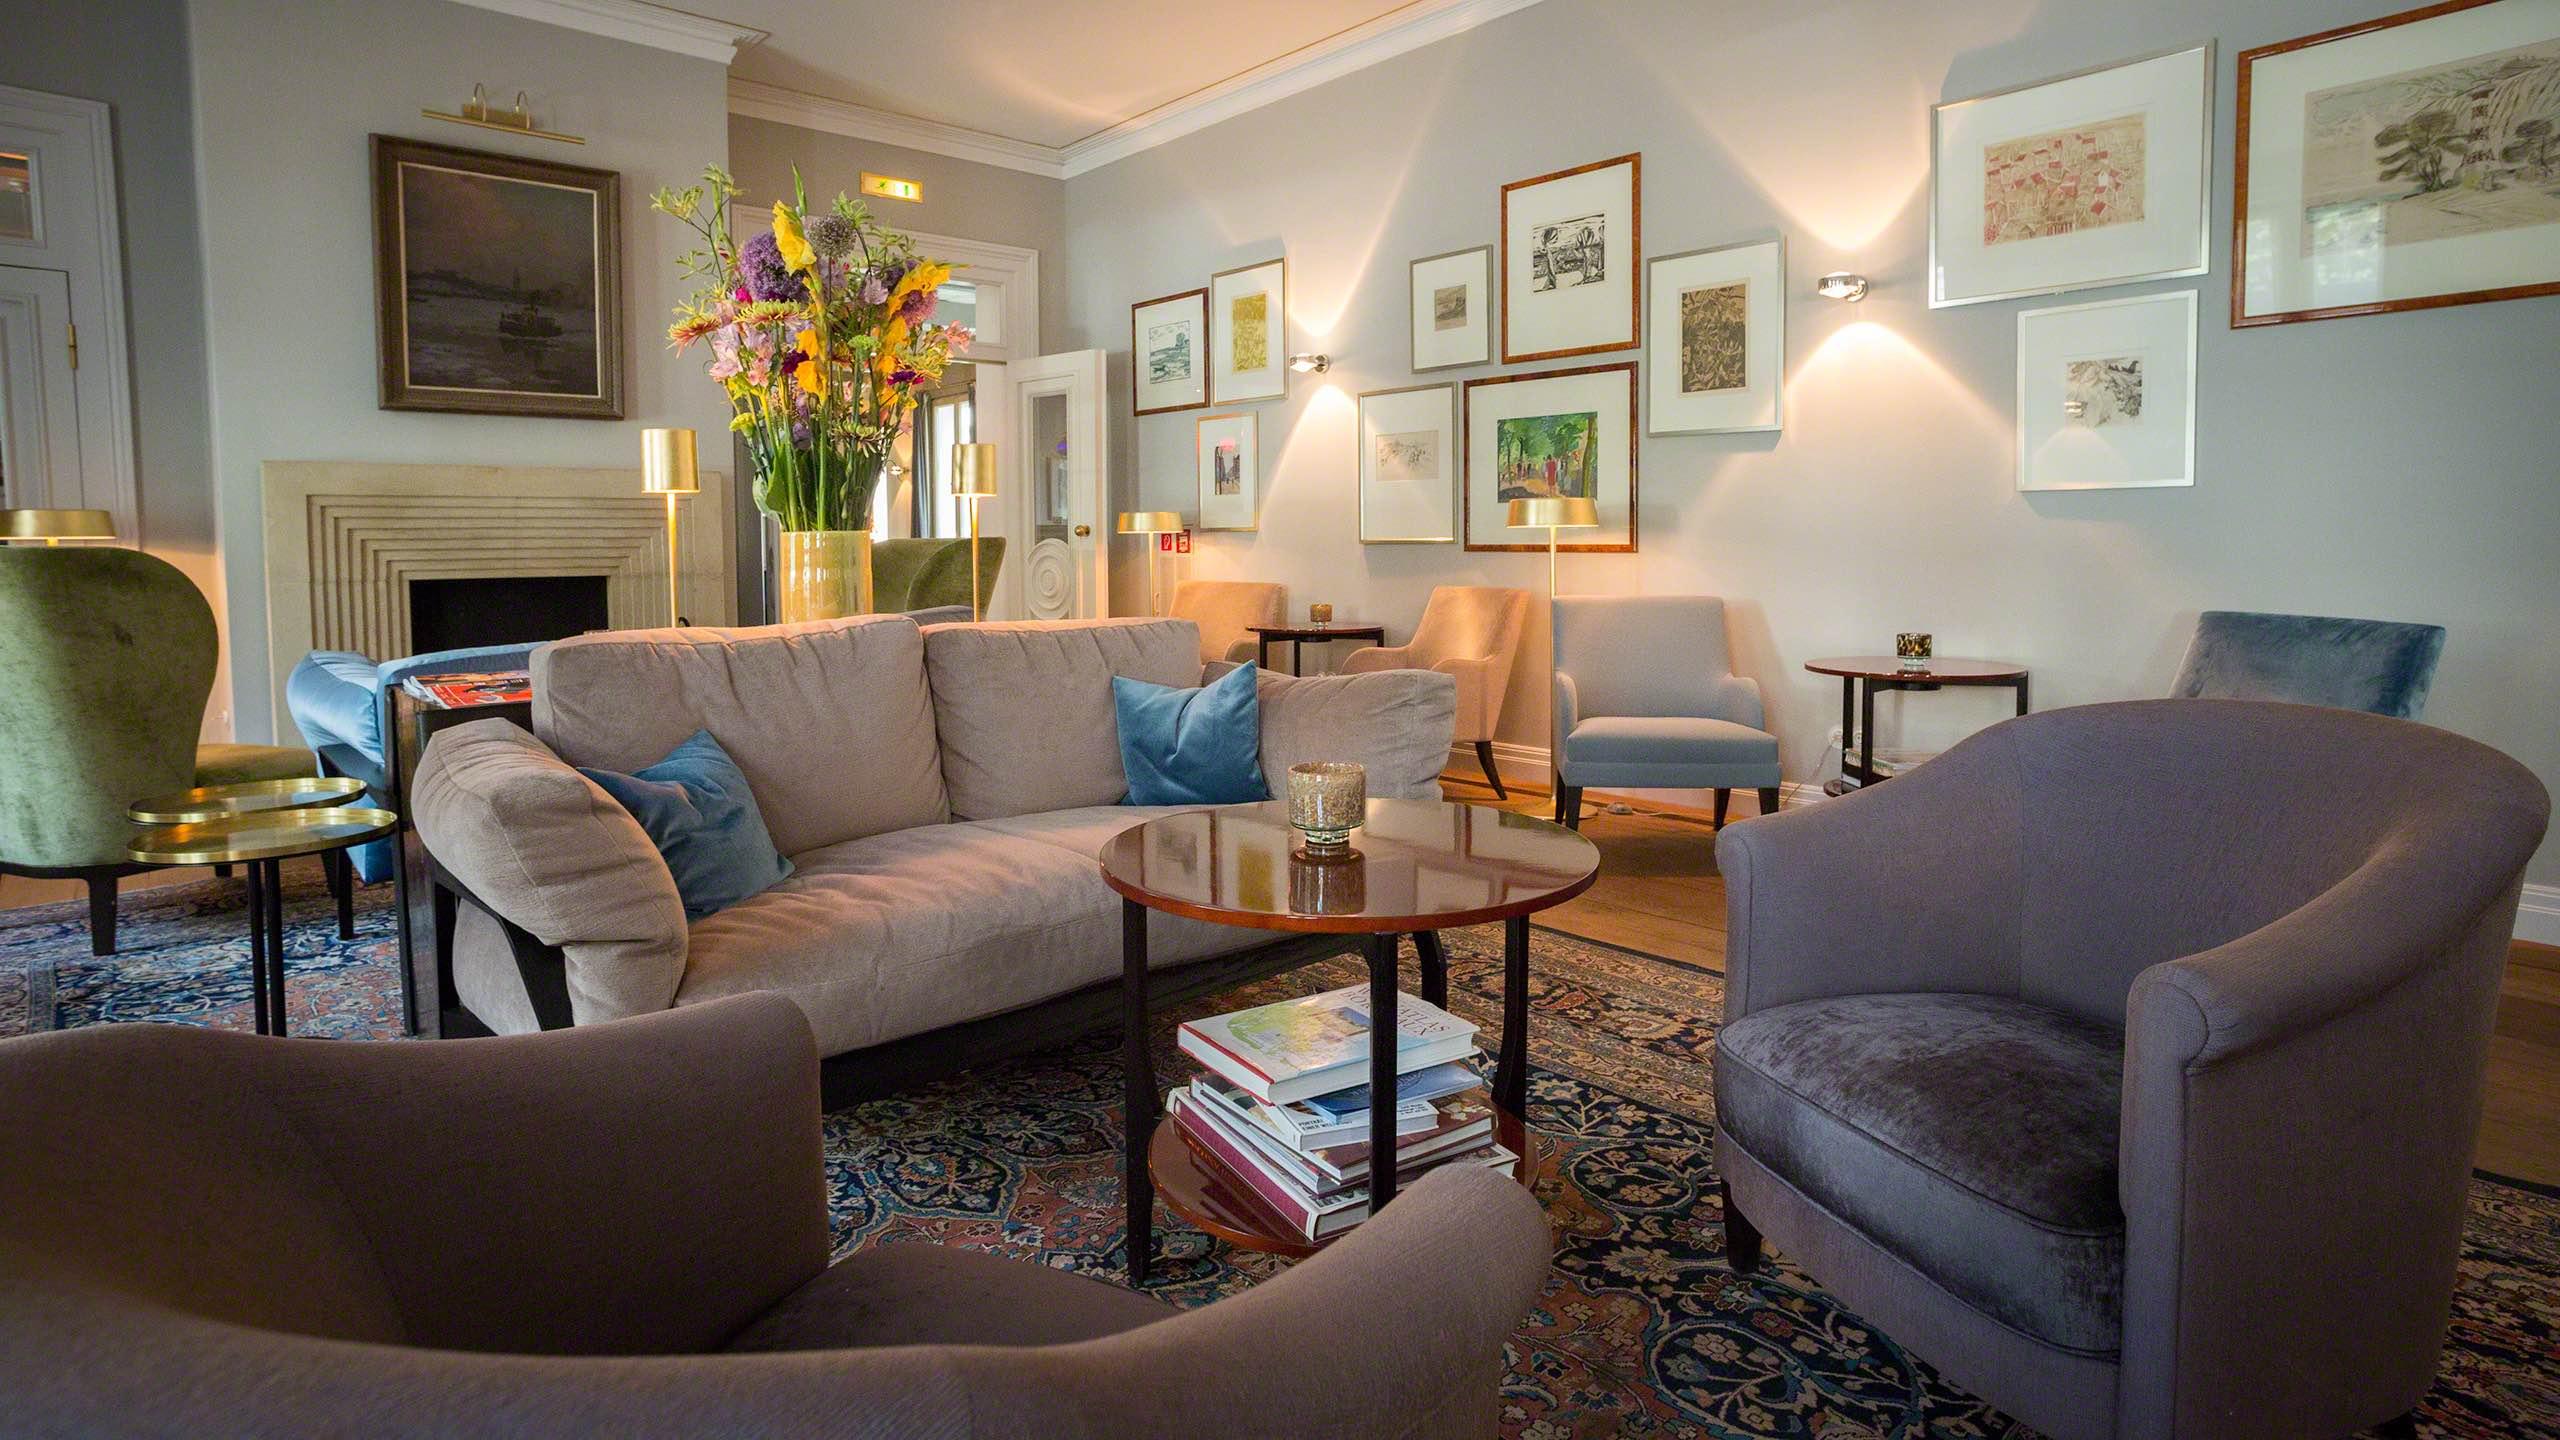 Hotel Louis C. Jacob Hamburg Wohnhalle mit Sofas und Sesseln zum Entspannen